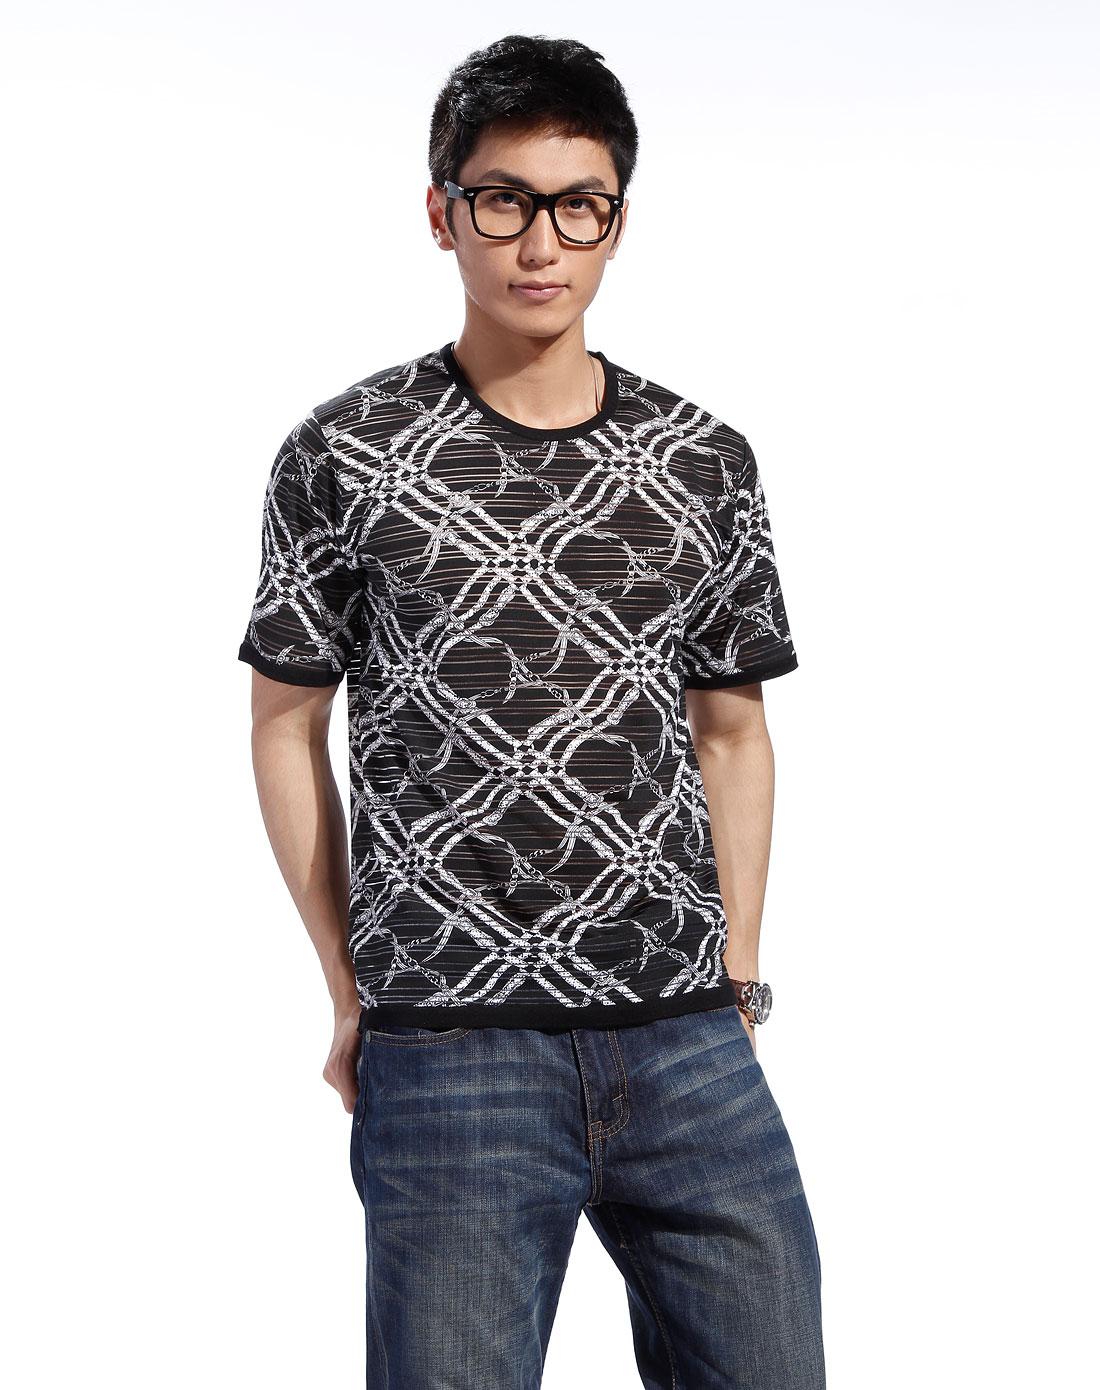 金菊 黑白色花纹短袖t恤